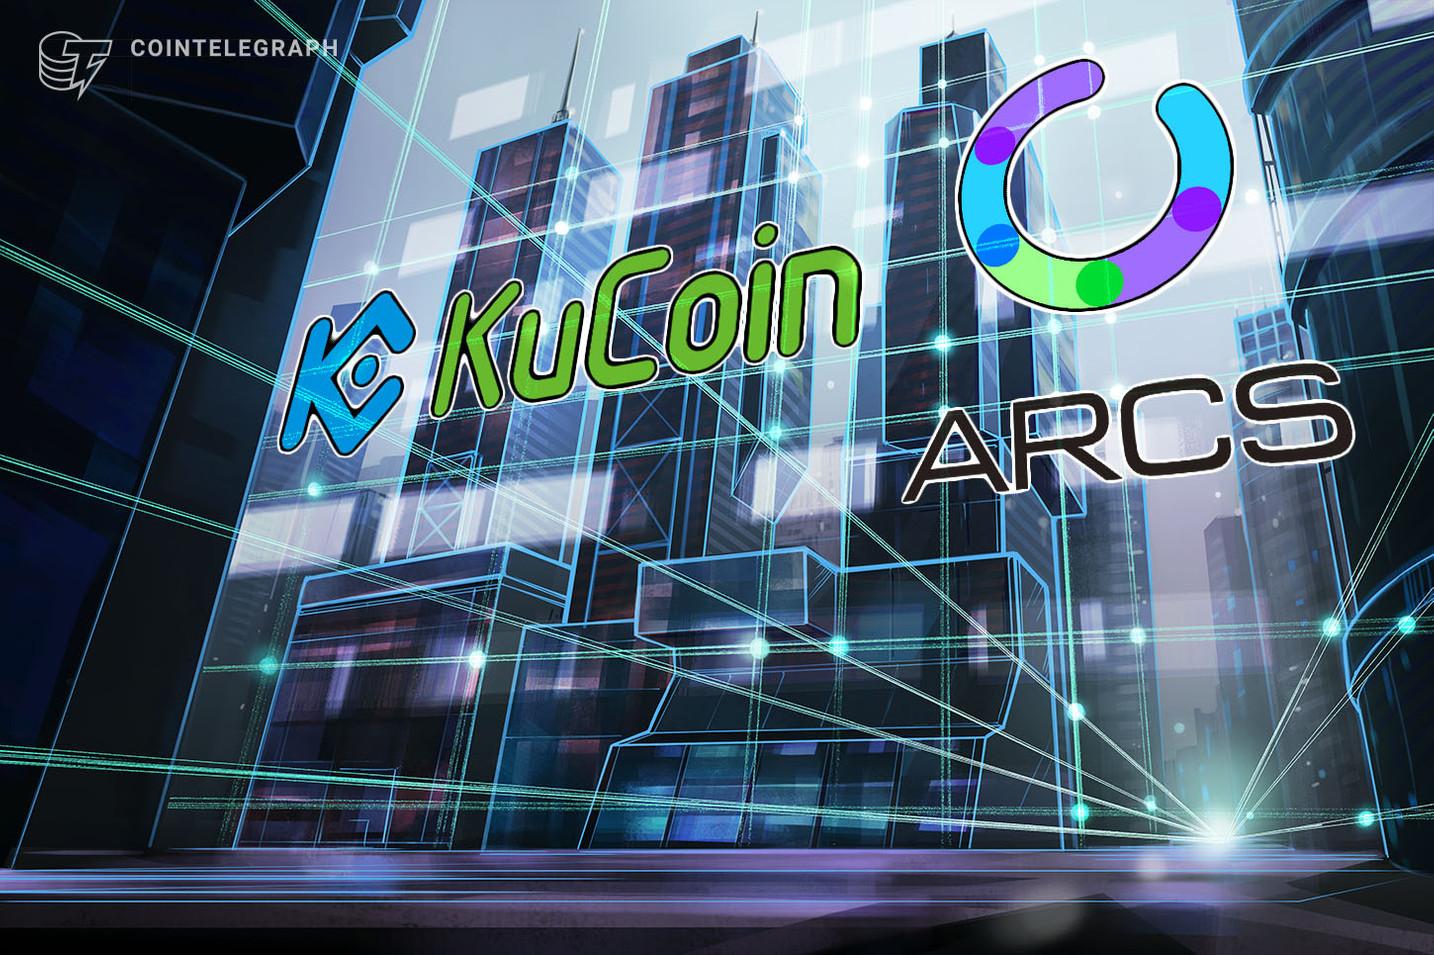 Kucoin共同創業者「テクノロジーを重要視」、日本発ブロックチェーンプロジェクトAIreと連動するトークン、ARCSが上場発表